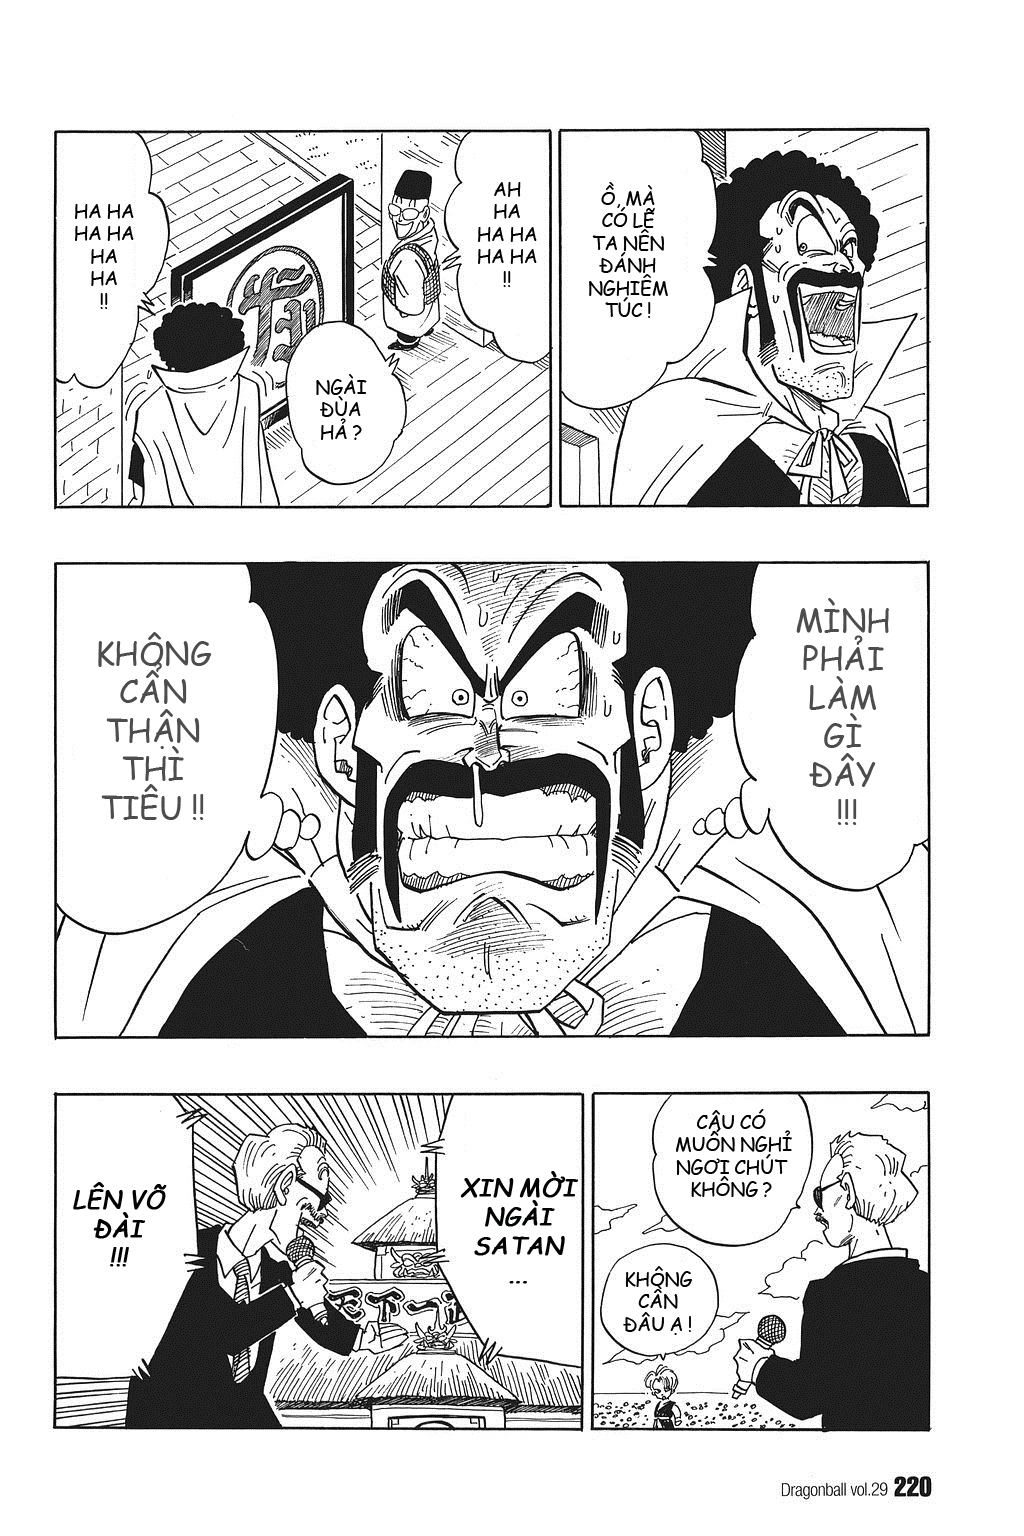 xem truyen moi - Dragon Ball Bản Vip - Bản Đẹp Nguyên Gốc Chap 436